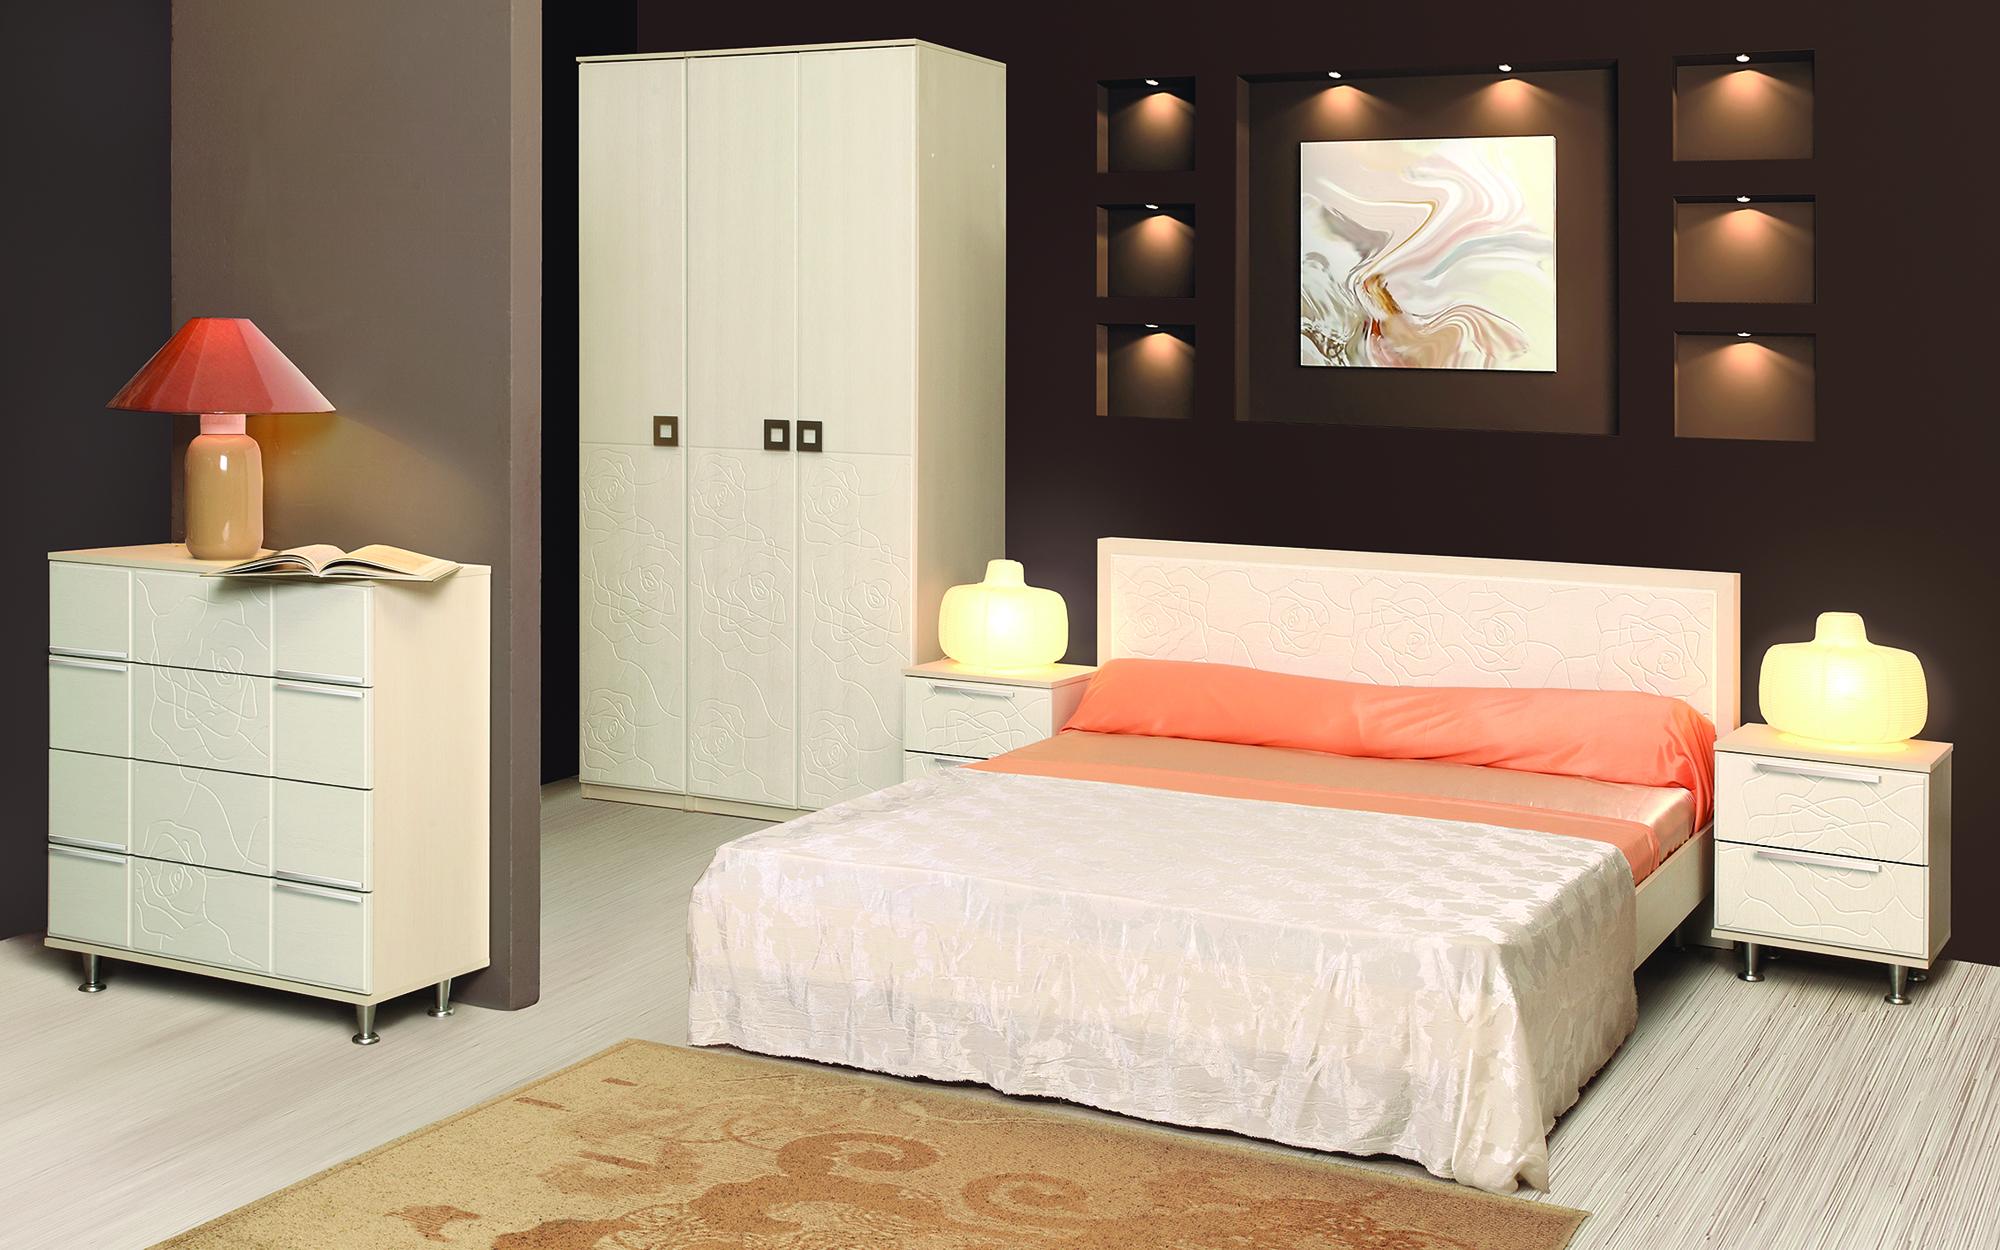 Спальни олмеко - интернет-магазин мебели шиффоньер.